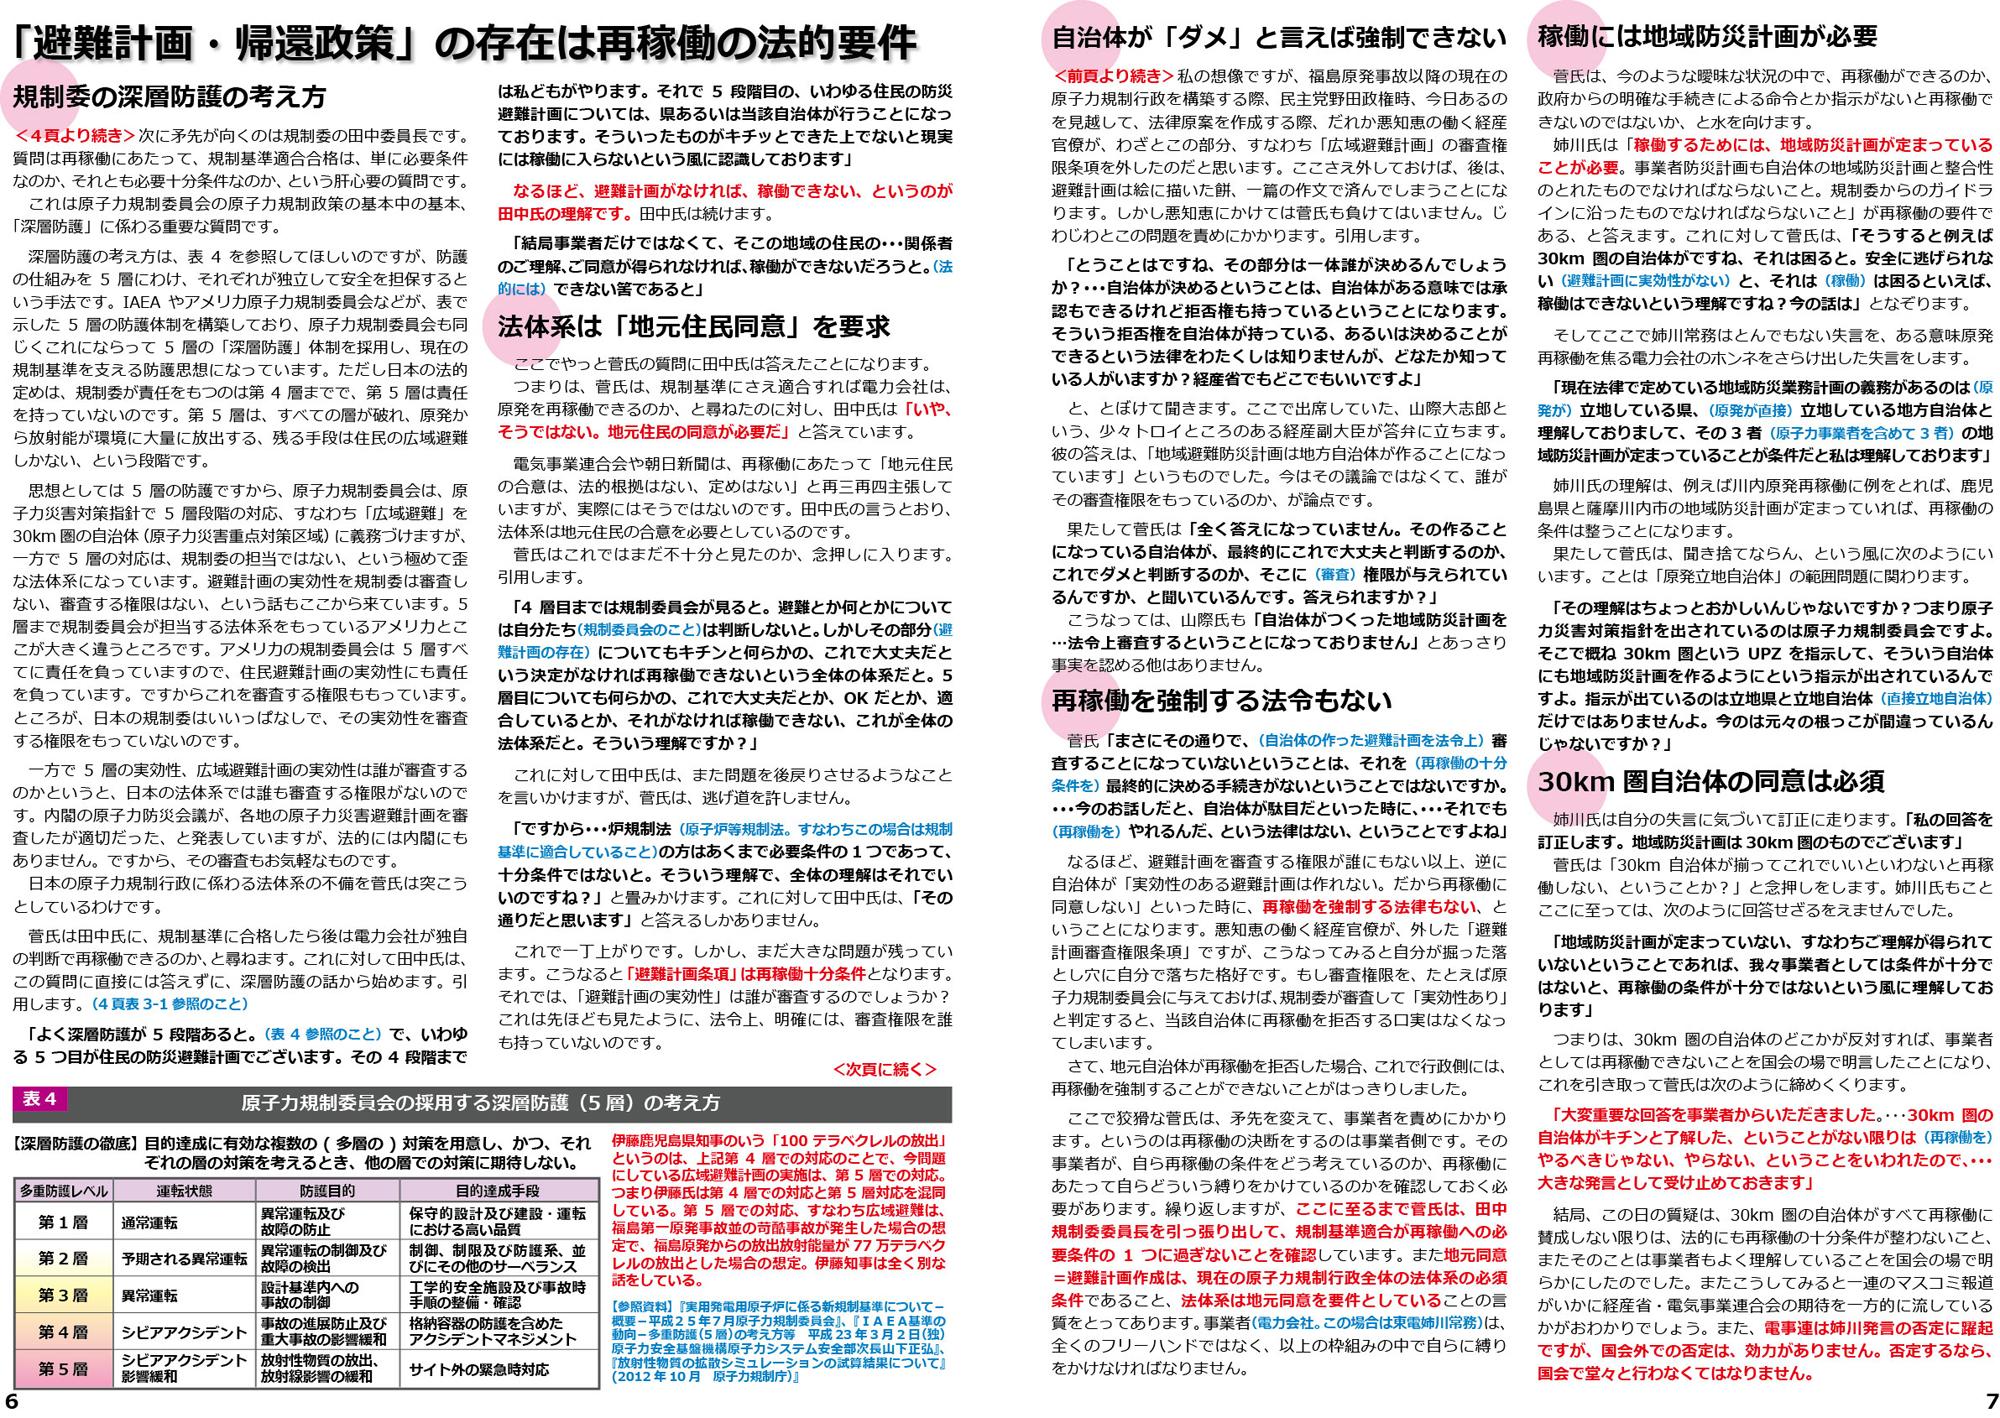 ファイル 44-4.jpg